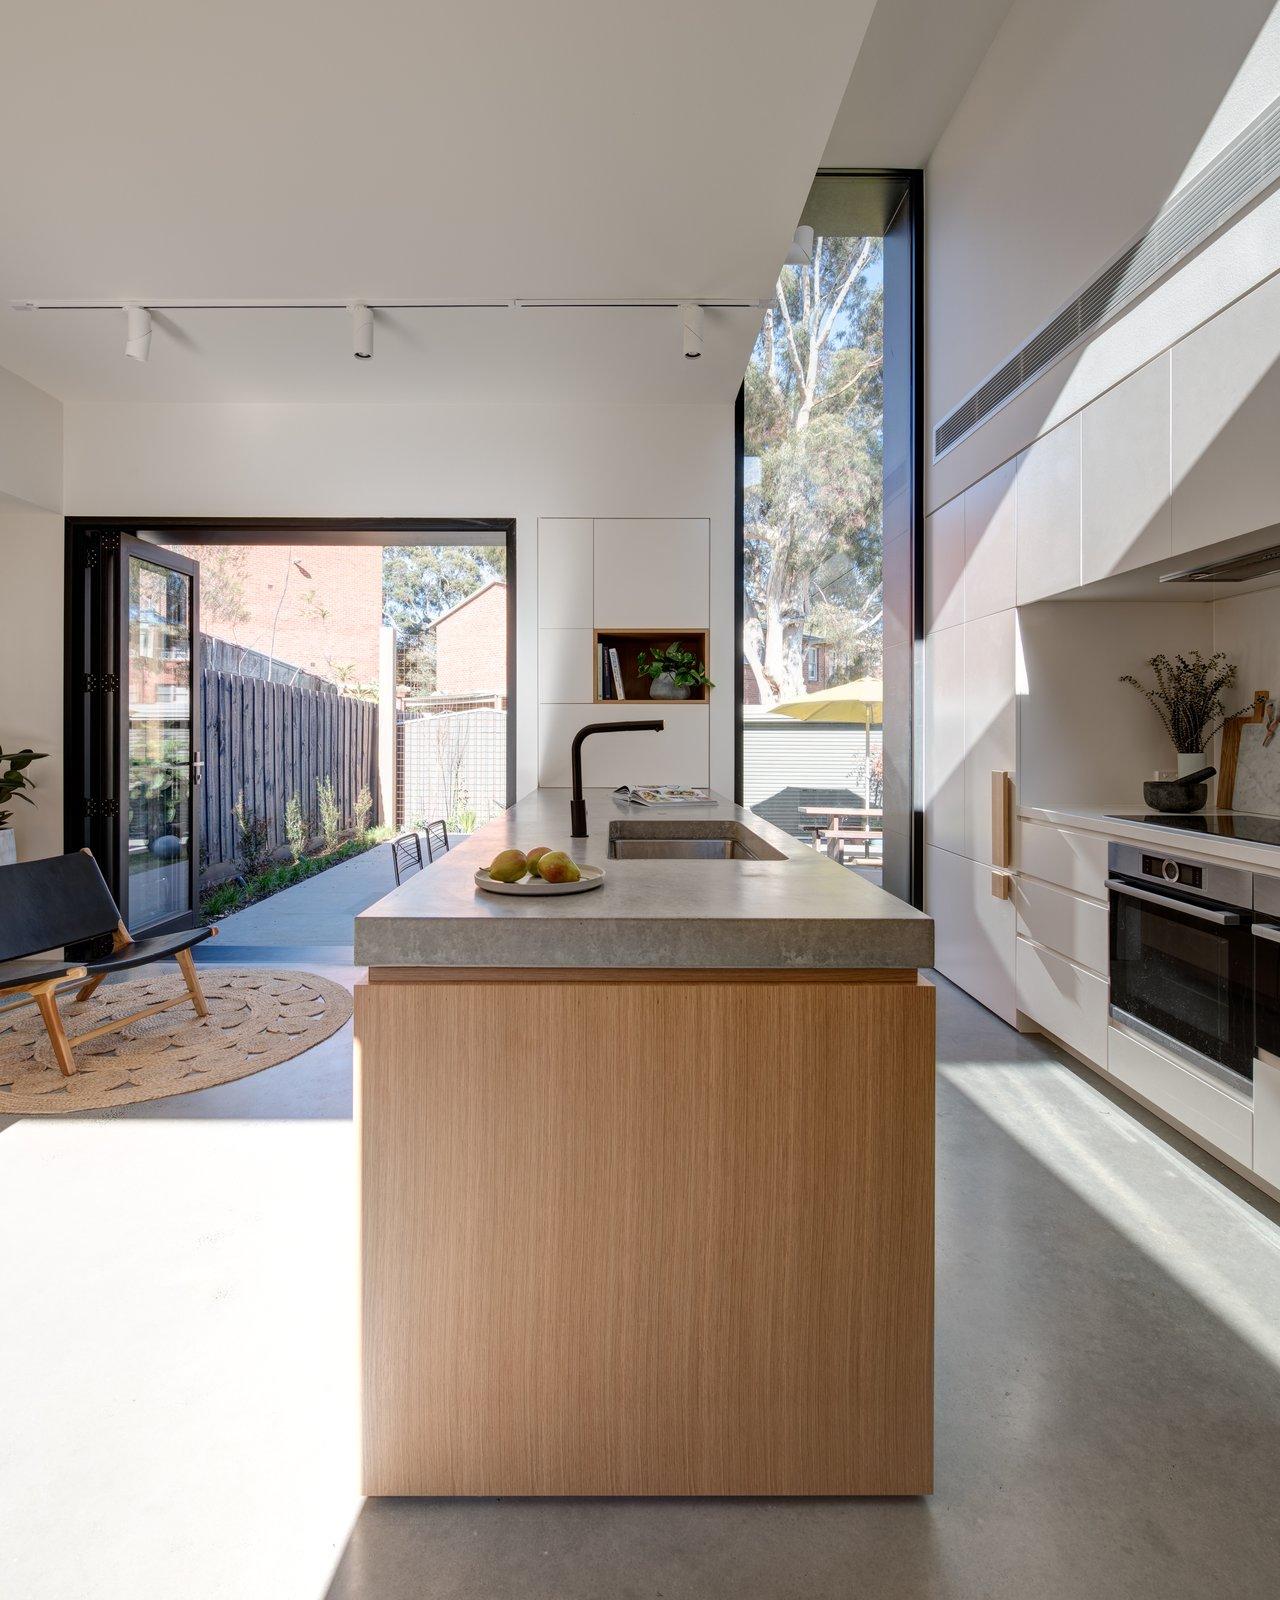 Tetris Extension concrete kitchen island